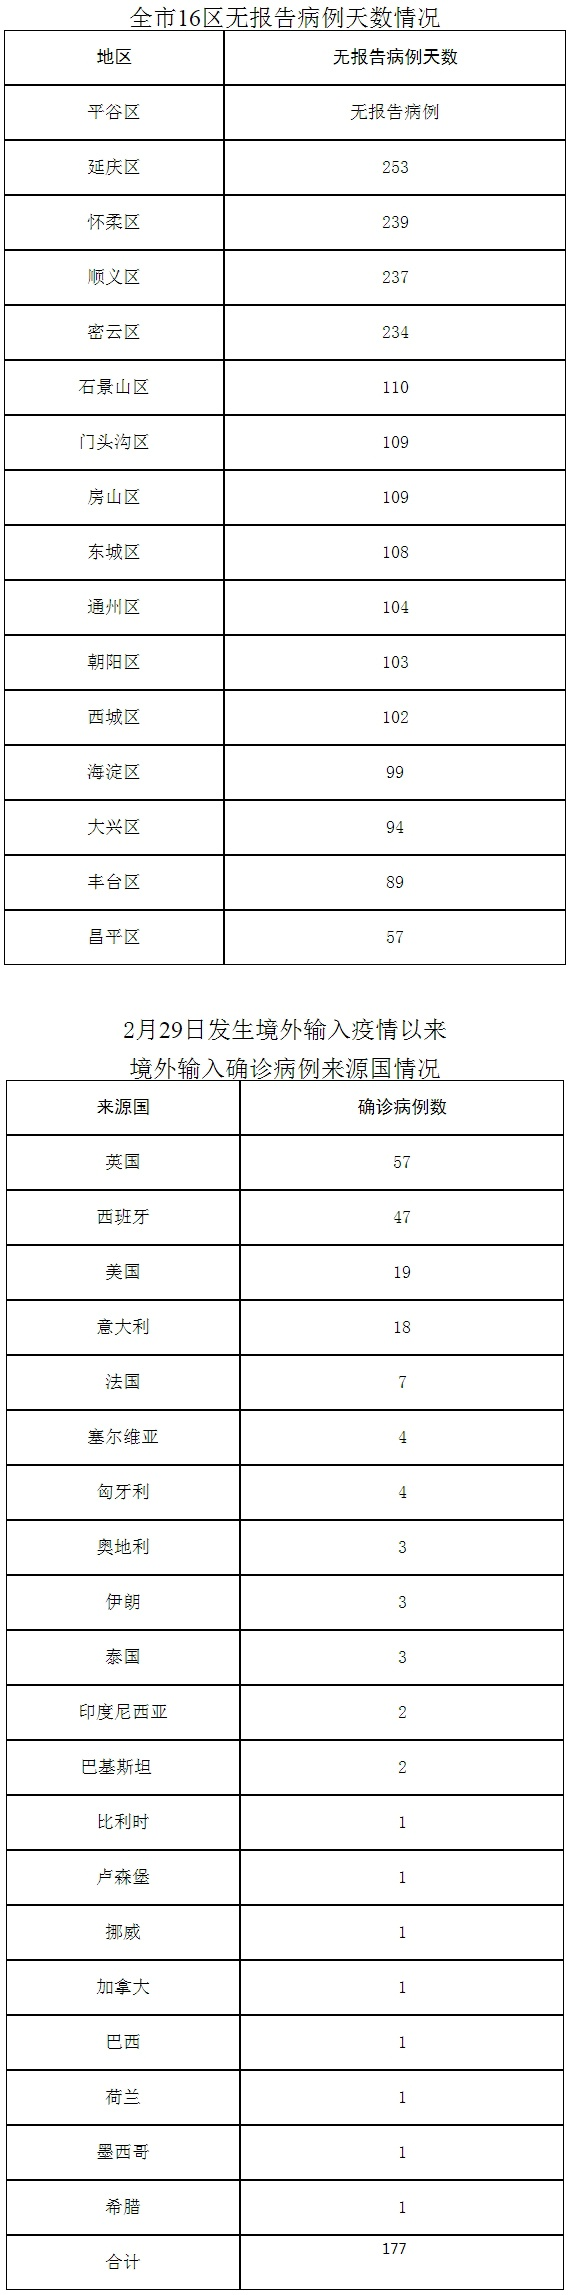 北京10月2日无新增报告新冠肺炎确诊病例图片